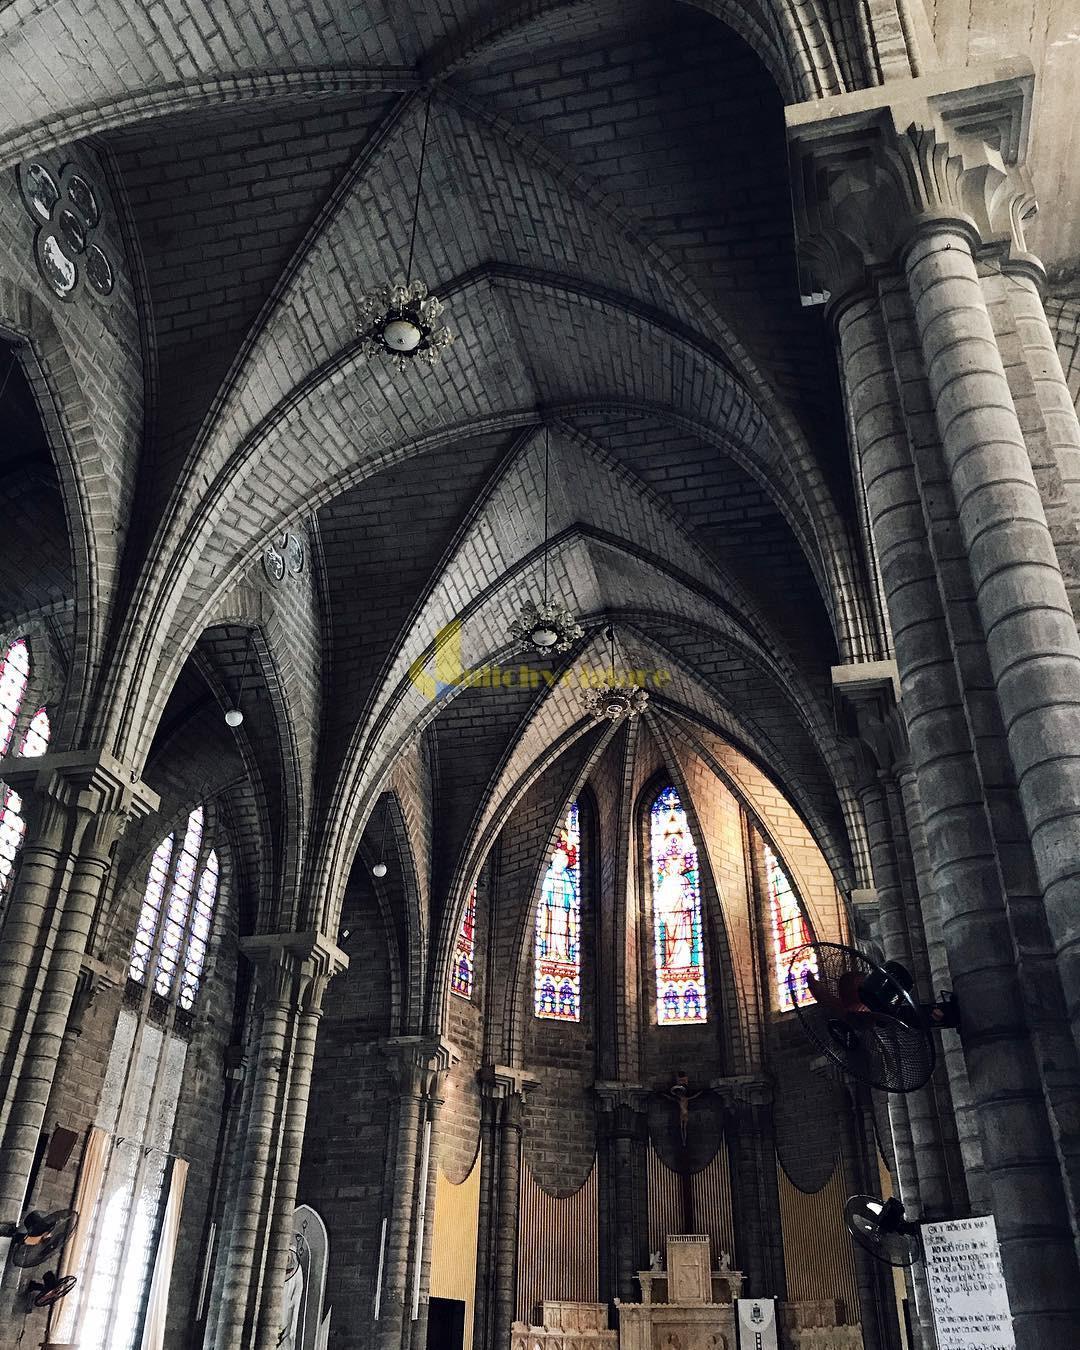 nhà-thờ-đá-2 Kinh Nghiệm Du Lịch Tự Túc Khi Tới Nha Trang